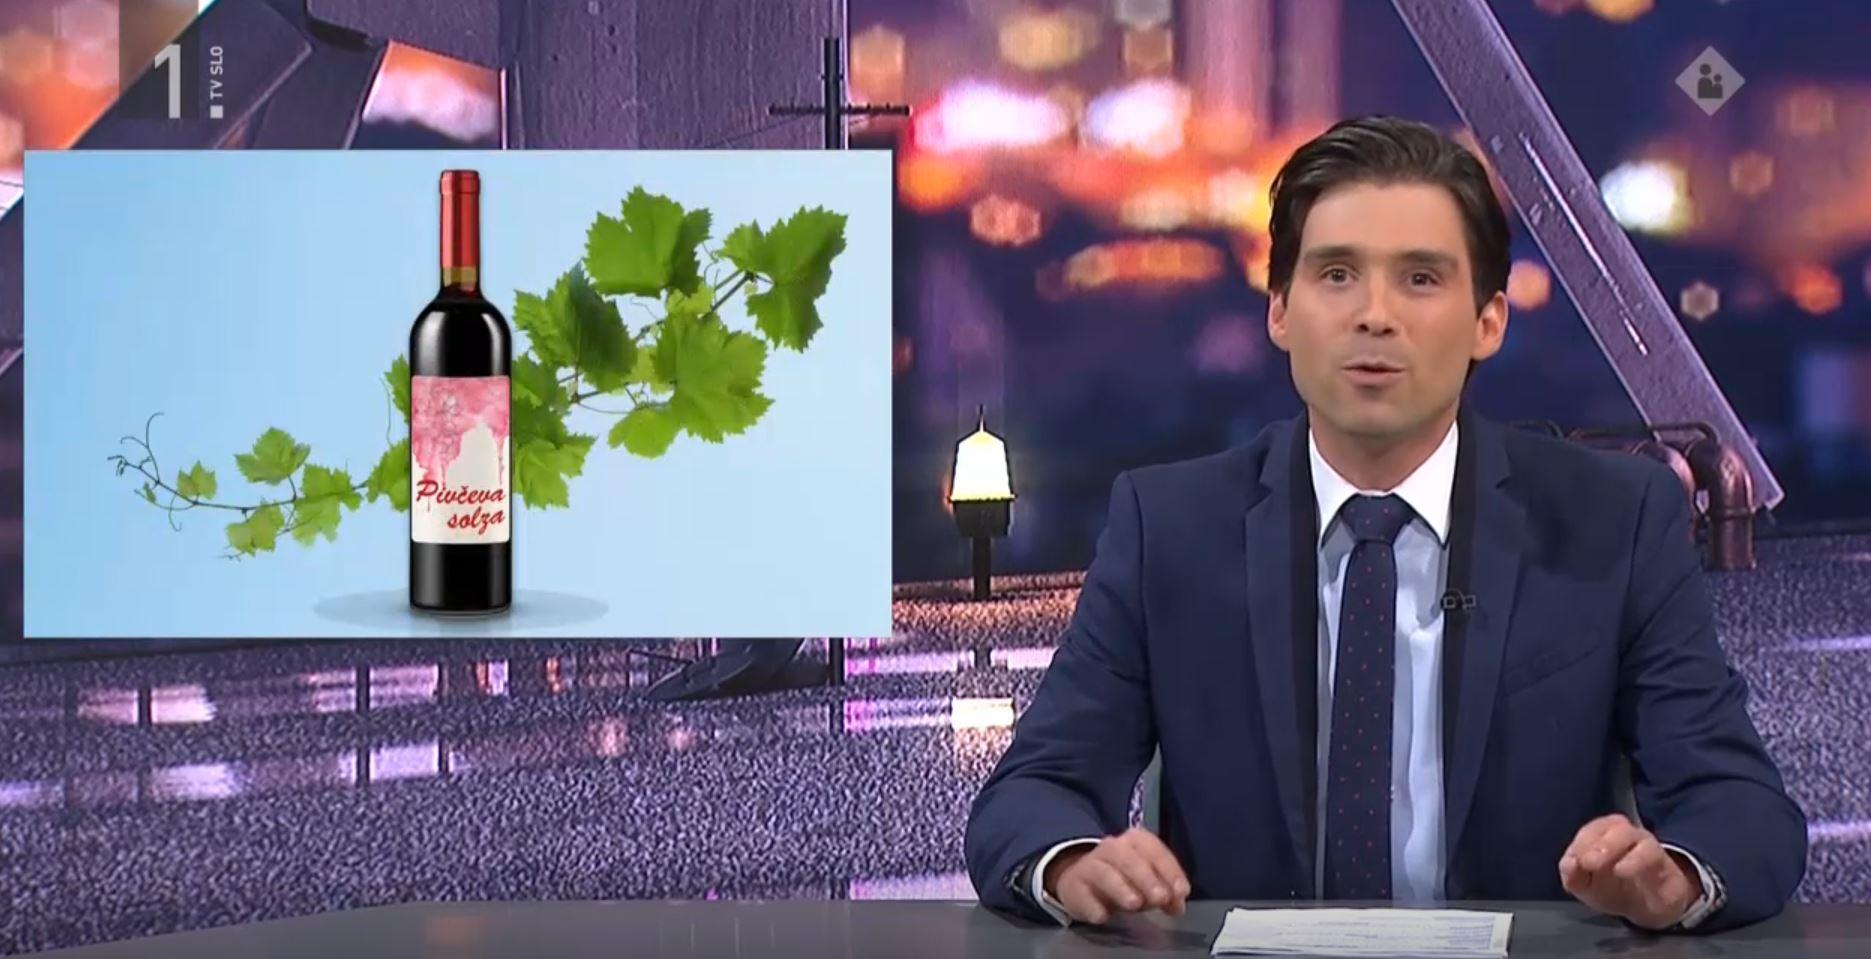 Novo vino: Pivčeva solza. Vir: Posnetek zaslona RTV SLO